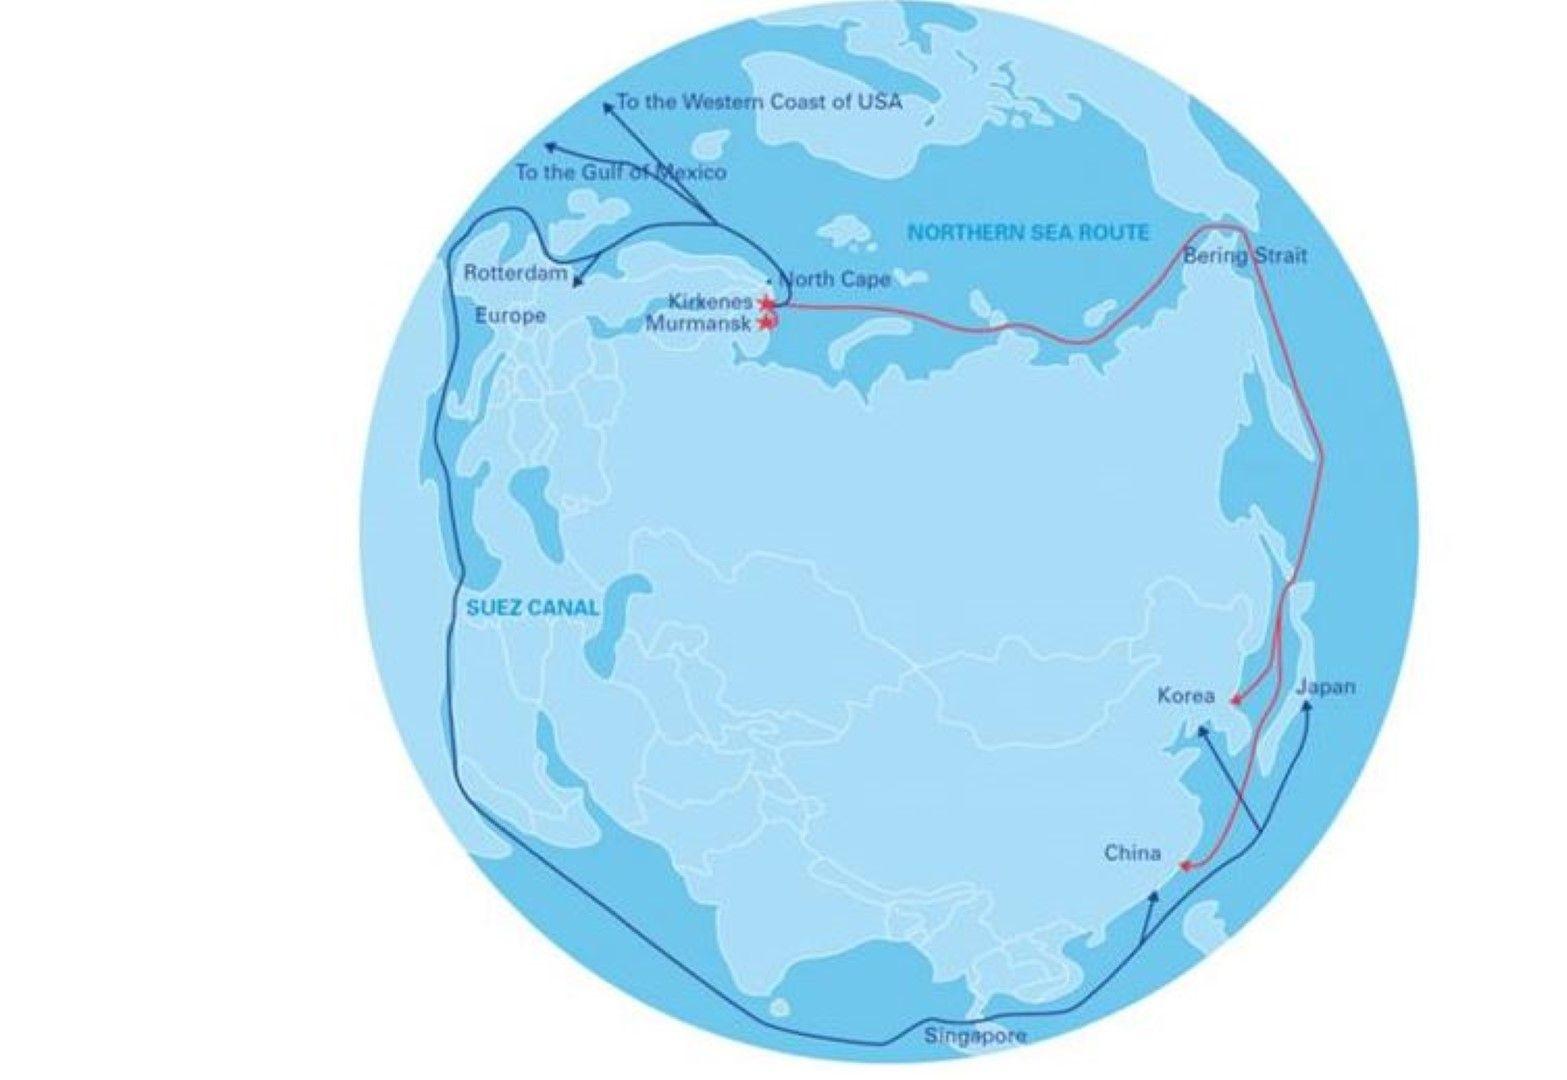 Посоките на Северния път с начални (крайни) точки Киркенес и Мурманск